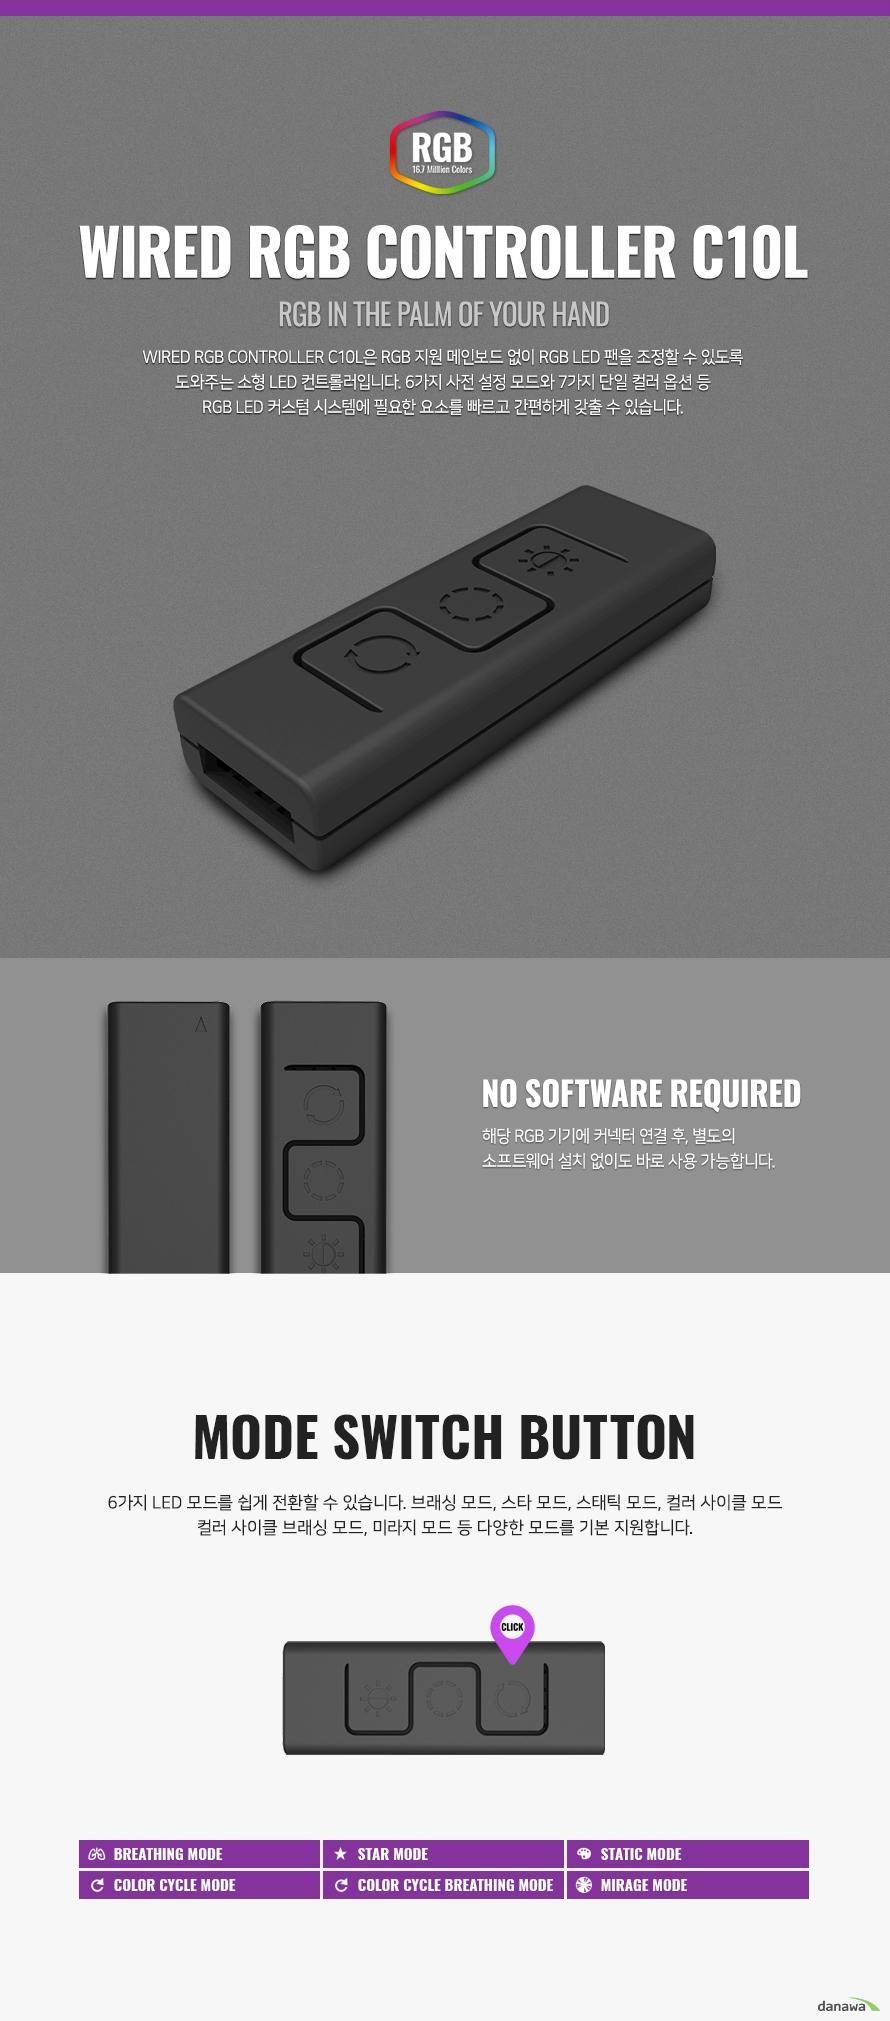 WIRED RGB CONTROLLER C10L은 RGB 지원 메인보드 없이 RGB LED 팬을 조정할 수 있도록 도와주는 소형 LED 컨트롤러입니다. 6가지 사전 설정 모드와 7가지 단일 컬러 옵션 등 RGB LED 커스텀 시스템에 필요한 요소를 빠르고 간편하게 갖출 수 있습니다.   해당 RGB 기기에 커넥터 연결 후, 별도의 소프트웨어 설치 없이도 바로 사용 가능합니다.  6가지 LED 모드를 쉽게 전환할 수 있습니다. 브래싱 모드, 스타 모드, 스태틱 모드, 컬러 사이클 모드 컬러 사이클 브래싱 모드, 미라지 모드 등 다양한 모드를 기본 지원합니다.   총 5단계 밝기 조절이 가능합니다. 버튼을 누를 때마다 밝기가 1단계씩 올라갑니다.  총 7가지 기본 컬러가 내장되어 있으며 버튼을 누르는 즉시 변경됩니다. 연결된 모든 기기의 컬러를 일괄적으로 변경합니다.